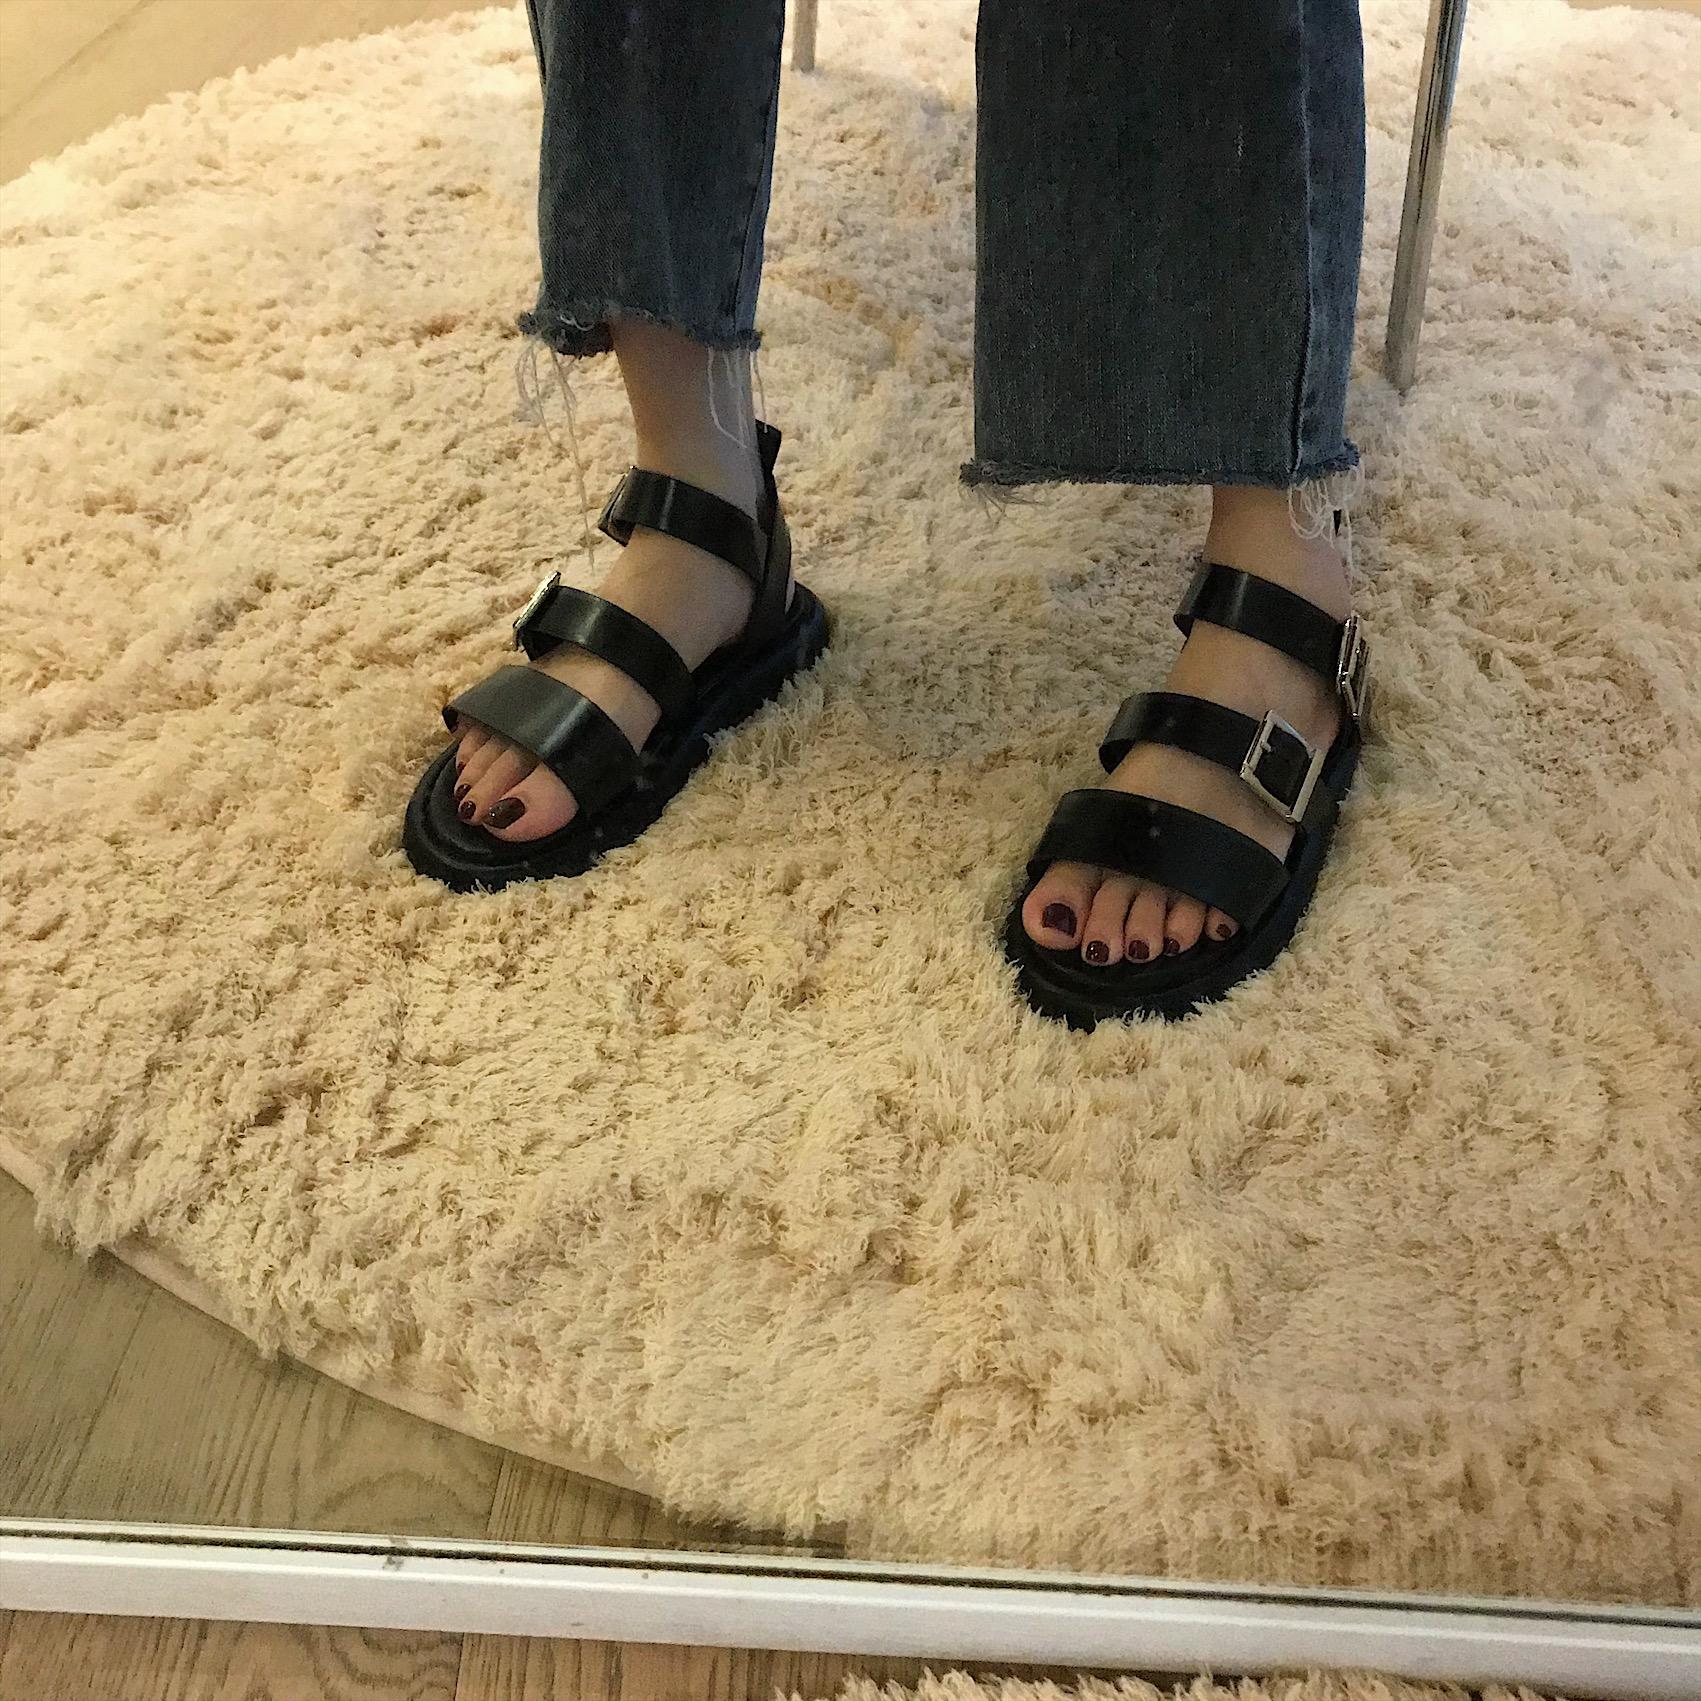 黑色罗马鞋 Boccalook鞋店 黑色pu厚底一字扣平底凉鞋女夏时尚减龄百搭罗马鞋_推荐淘宝好看的黑色罗马鞋